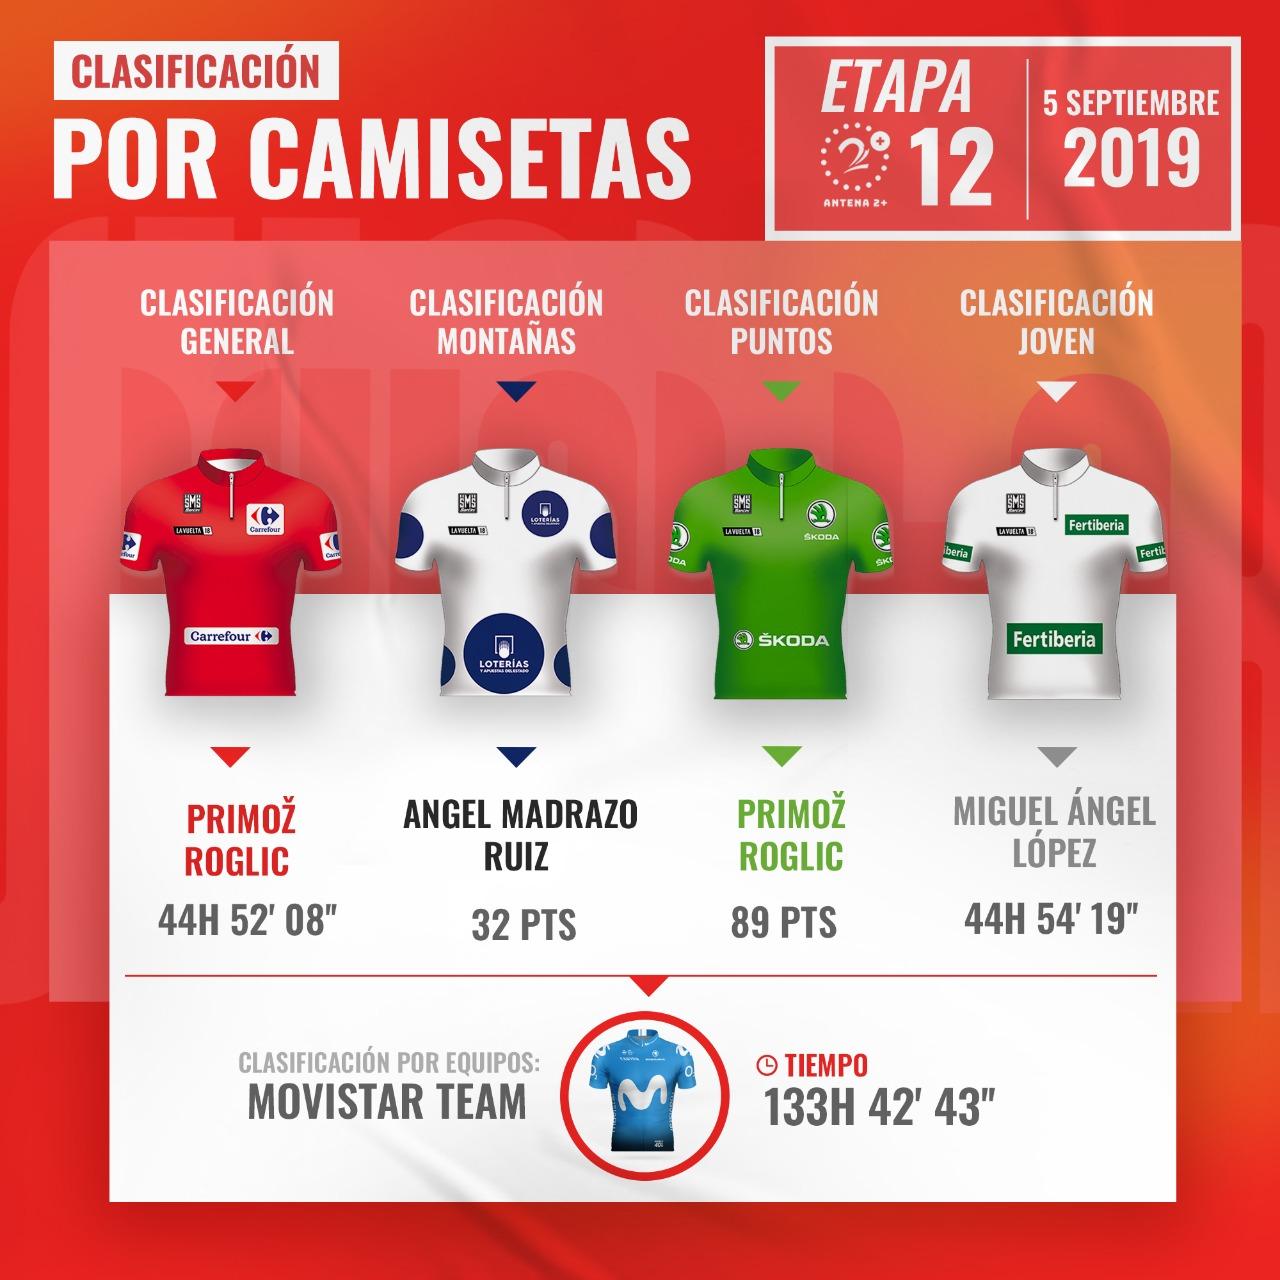 Vuelta a España 2019, líderes, etapa 12